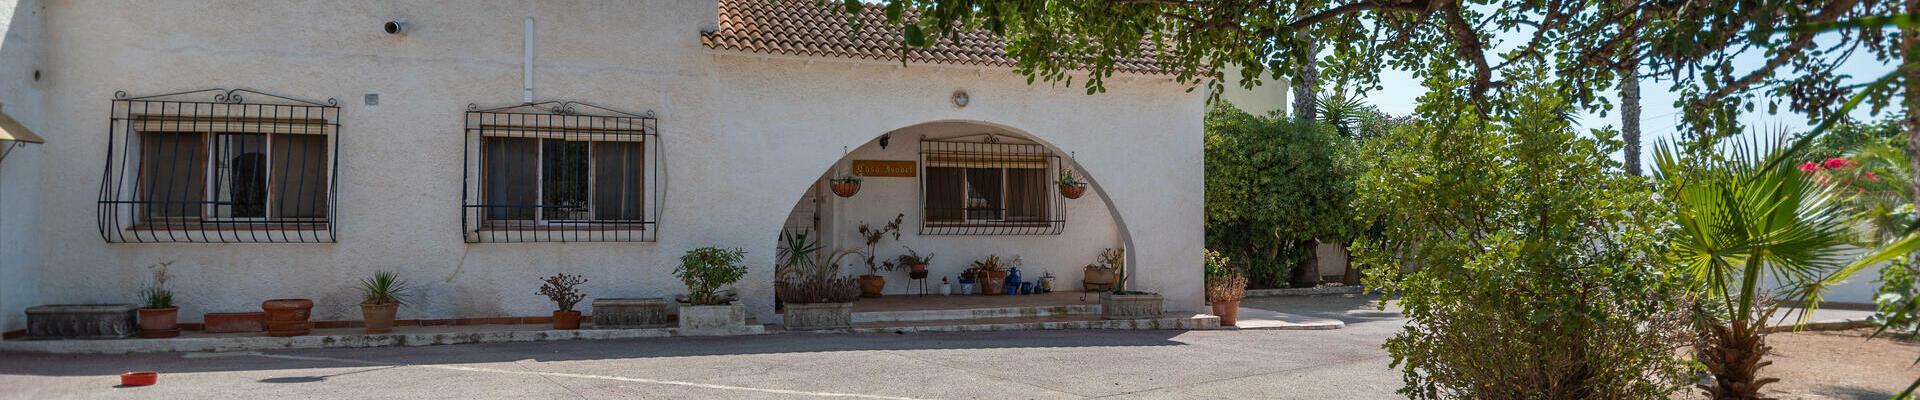 DV1505: 4 Bedroom Villa for Sale